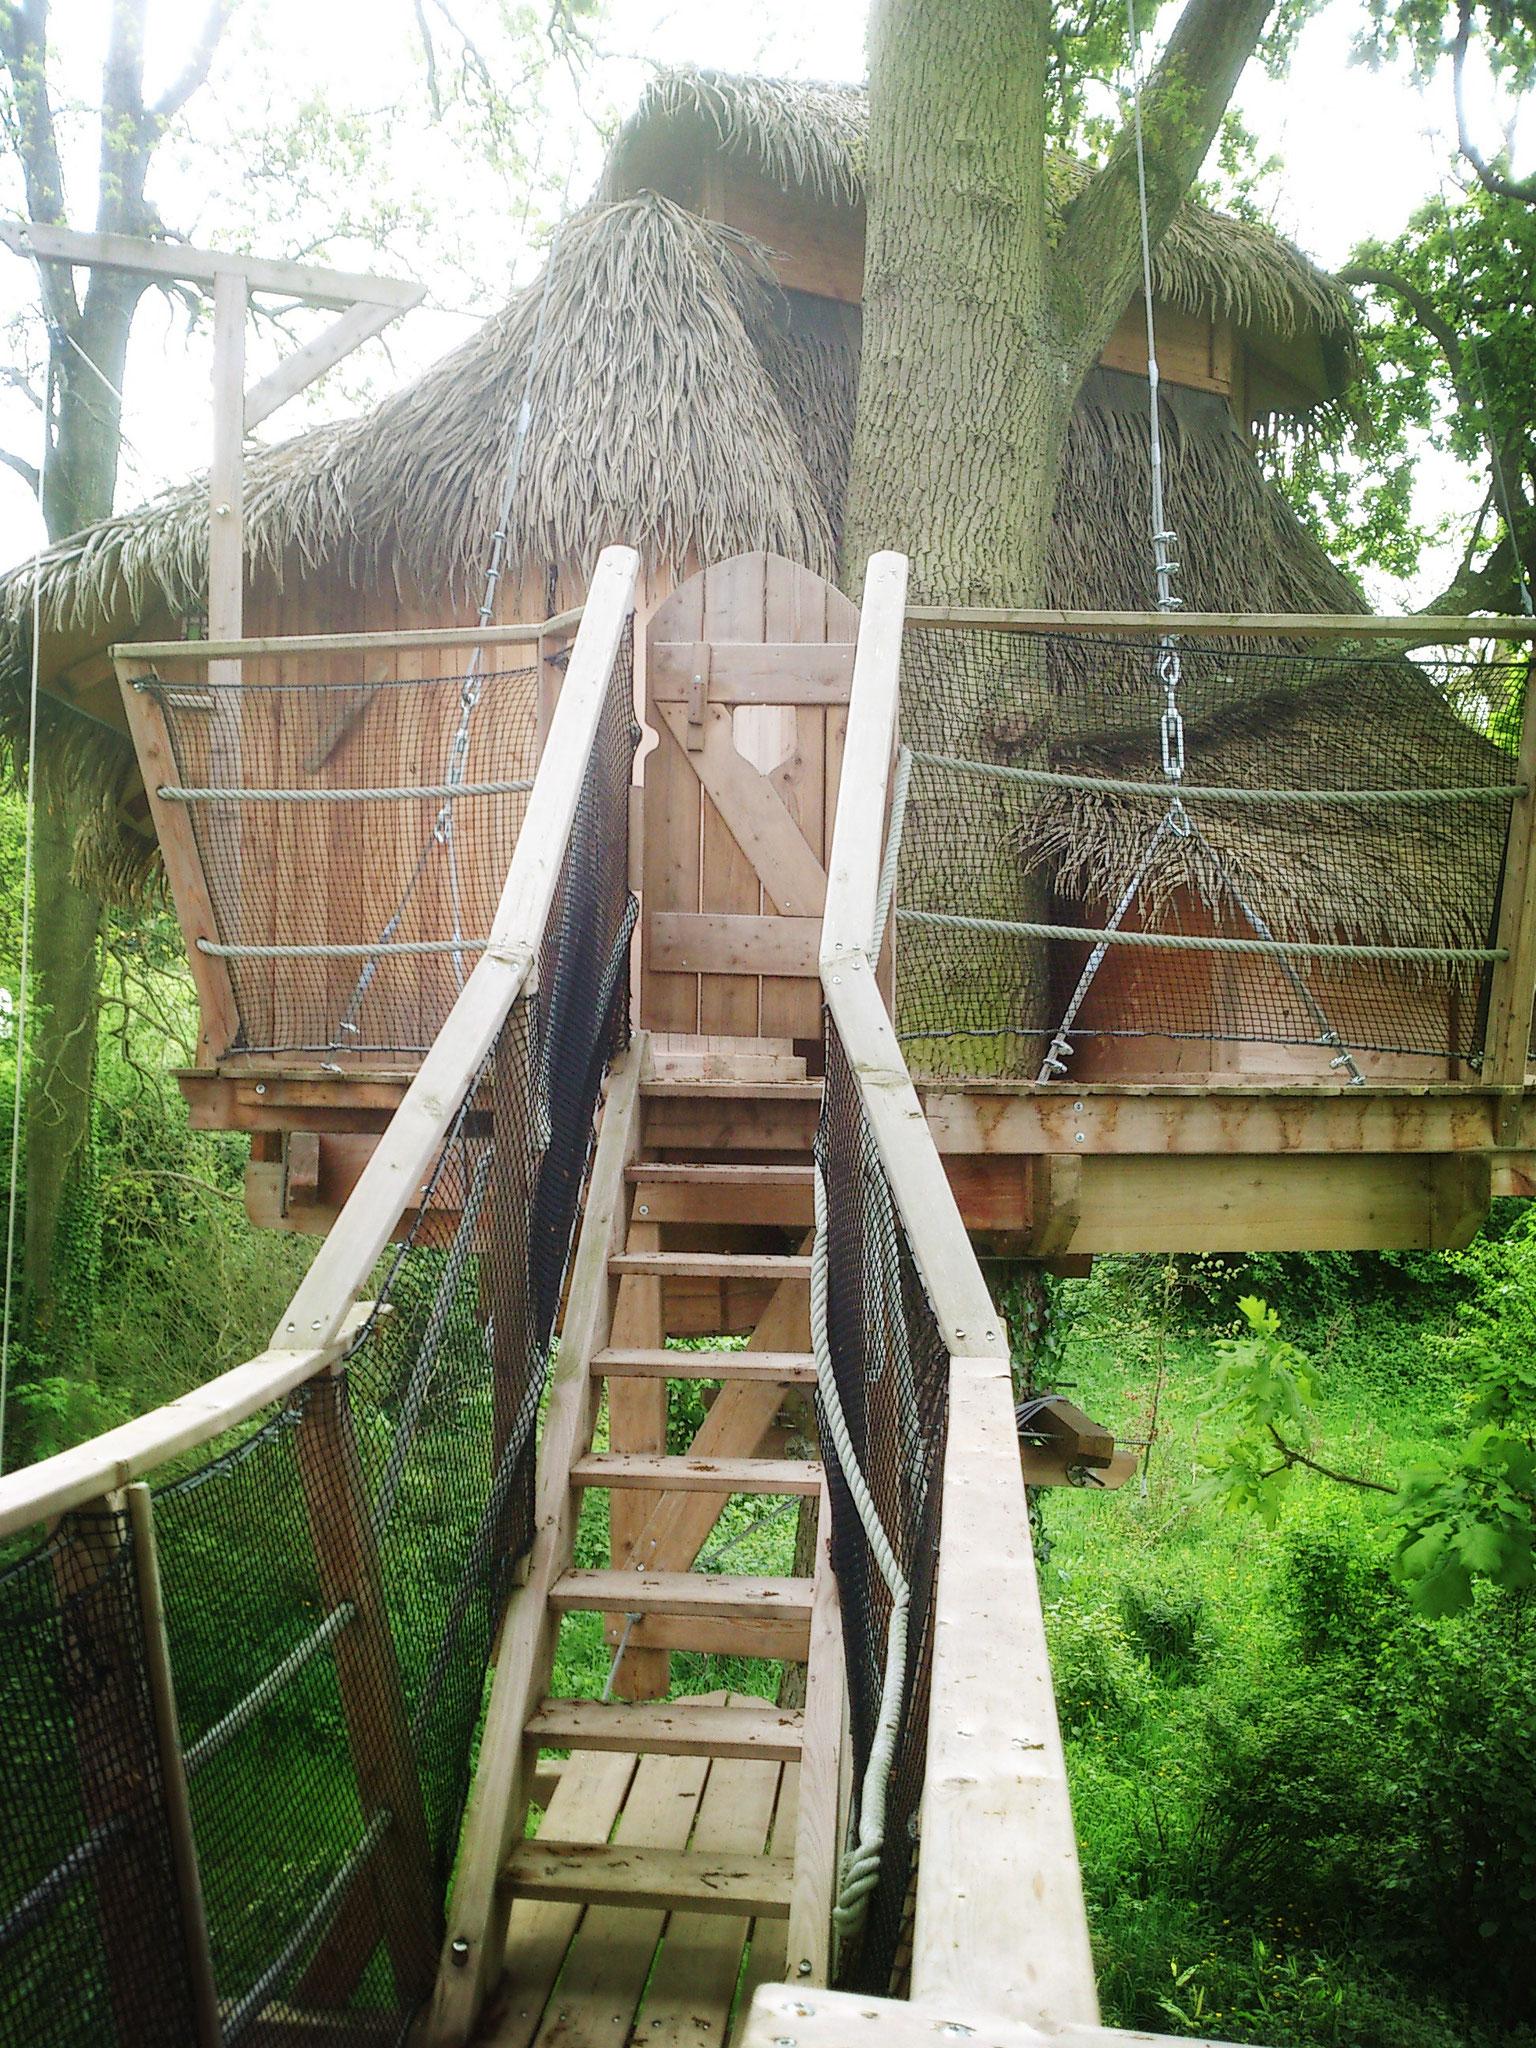 Profiter un séjour dans la cabane dans les arbres romantique en Baie de Somme